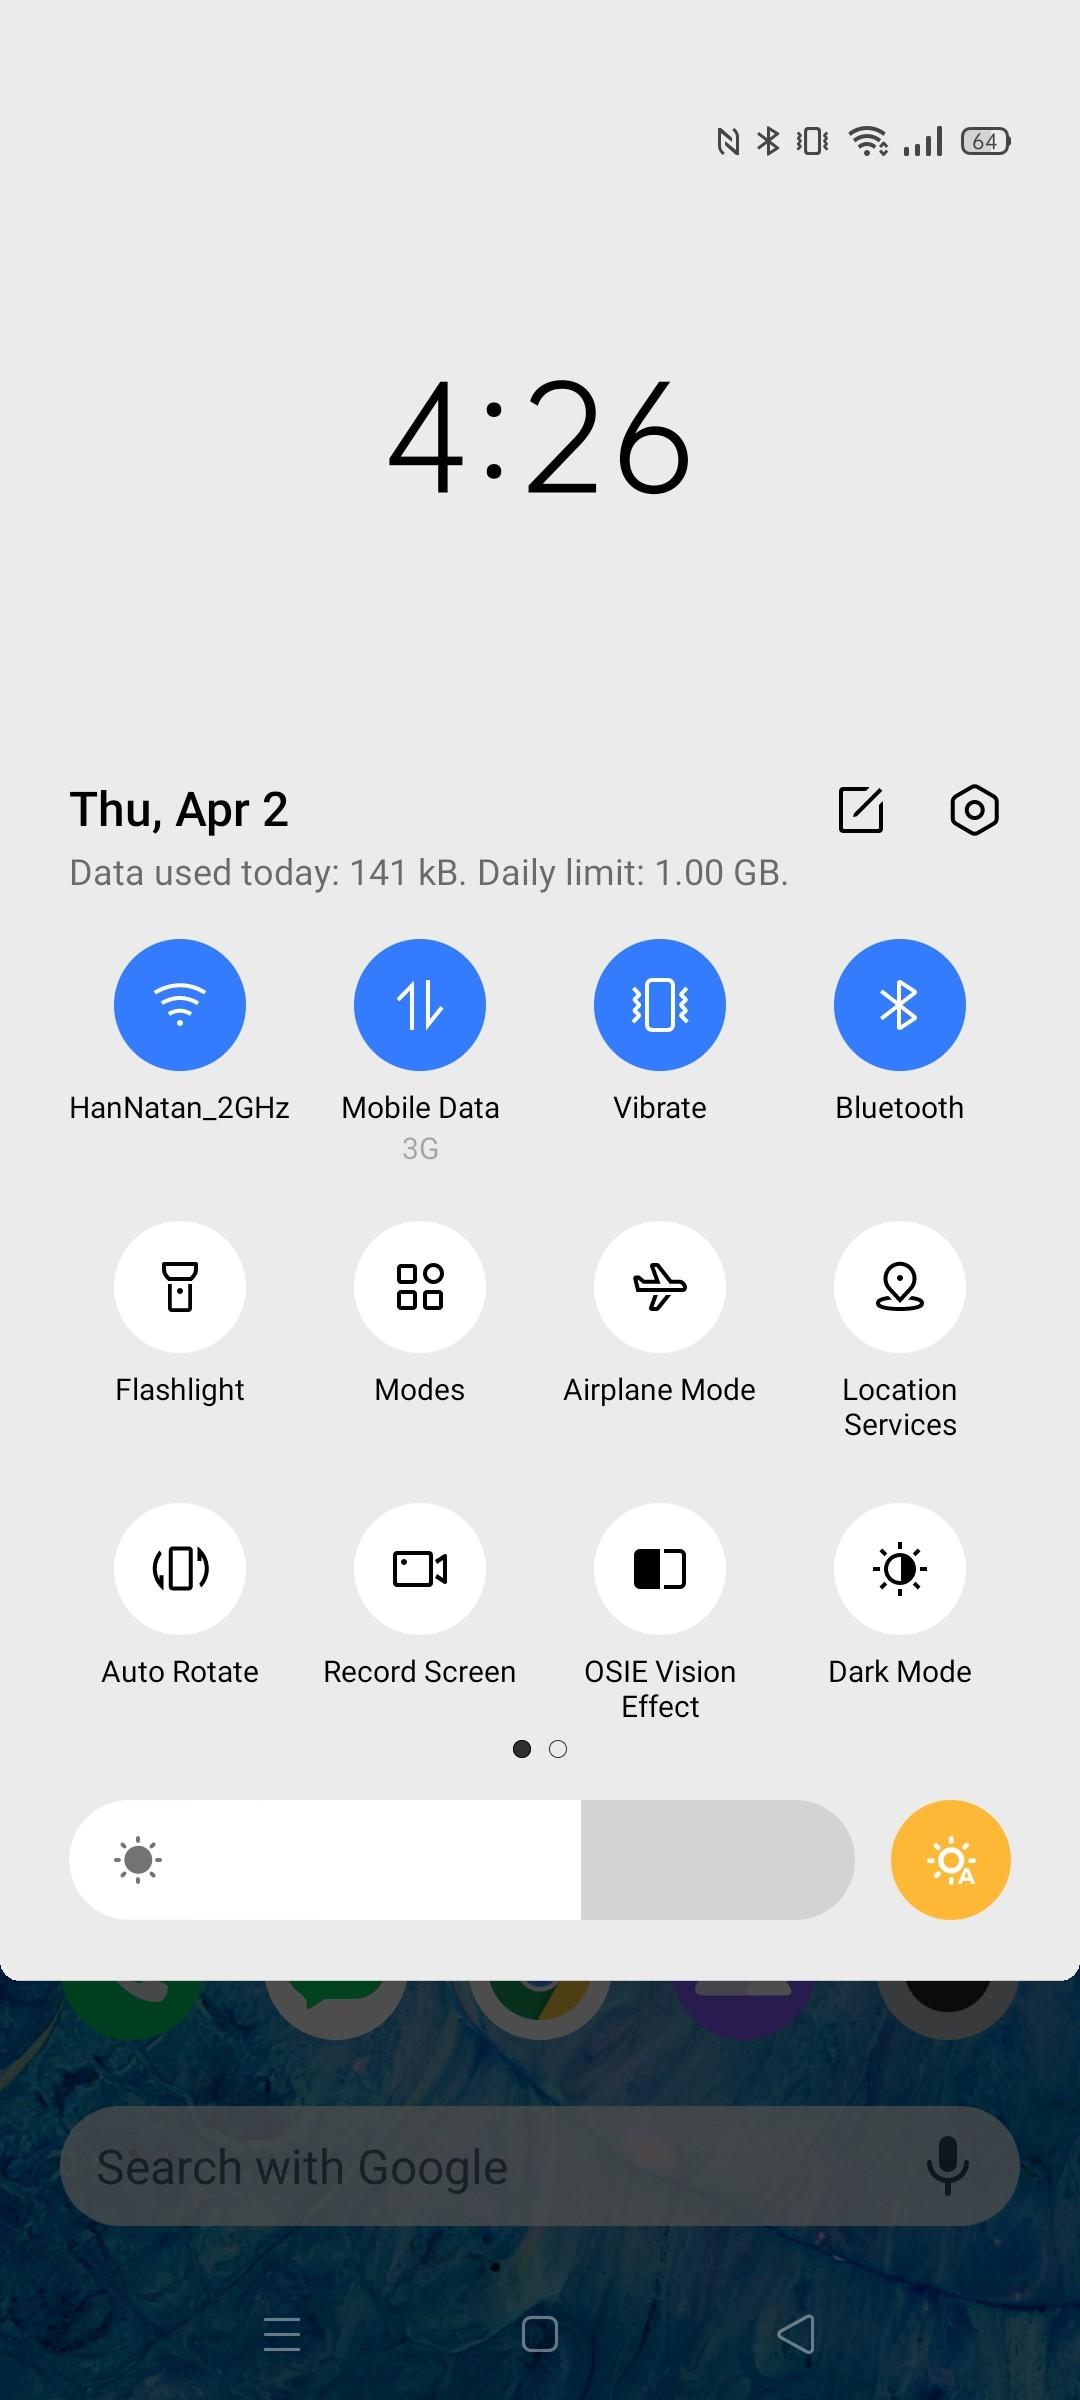 روکیدا | بررسی کامل و تخصصی گوشی ریلمی 6 پرو: تا خرخره مسلح! | ریلمی, نقد و بررسی, نقد و بررسی گوشی موبایل, گوشی های هوشمند